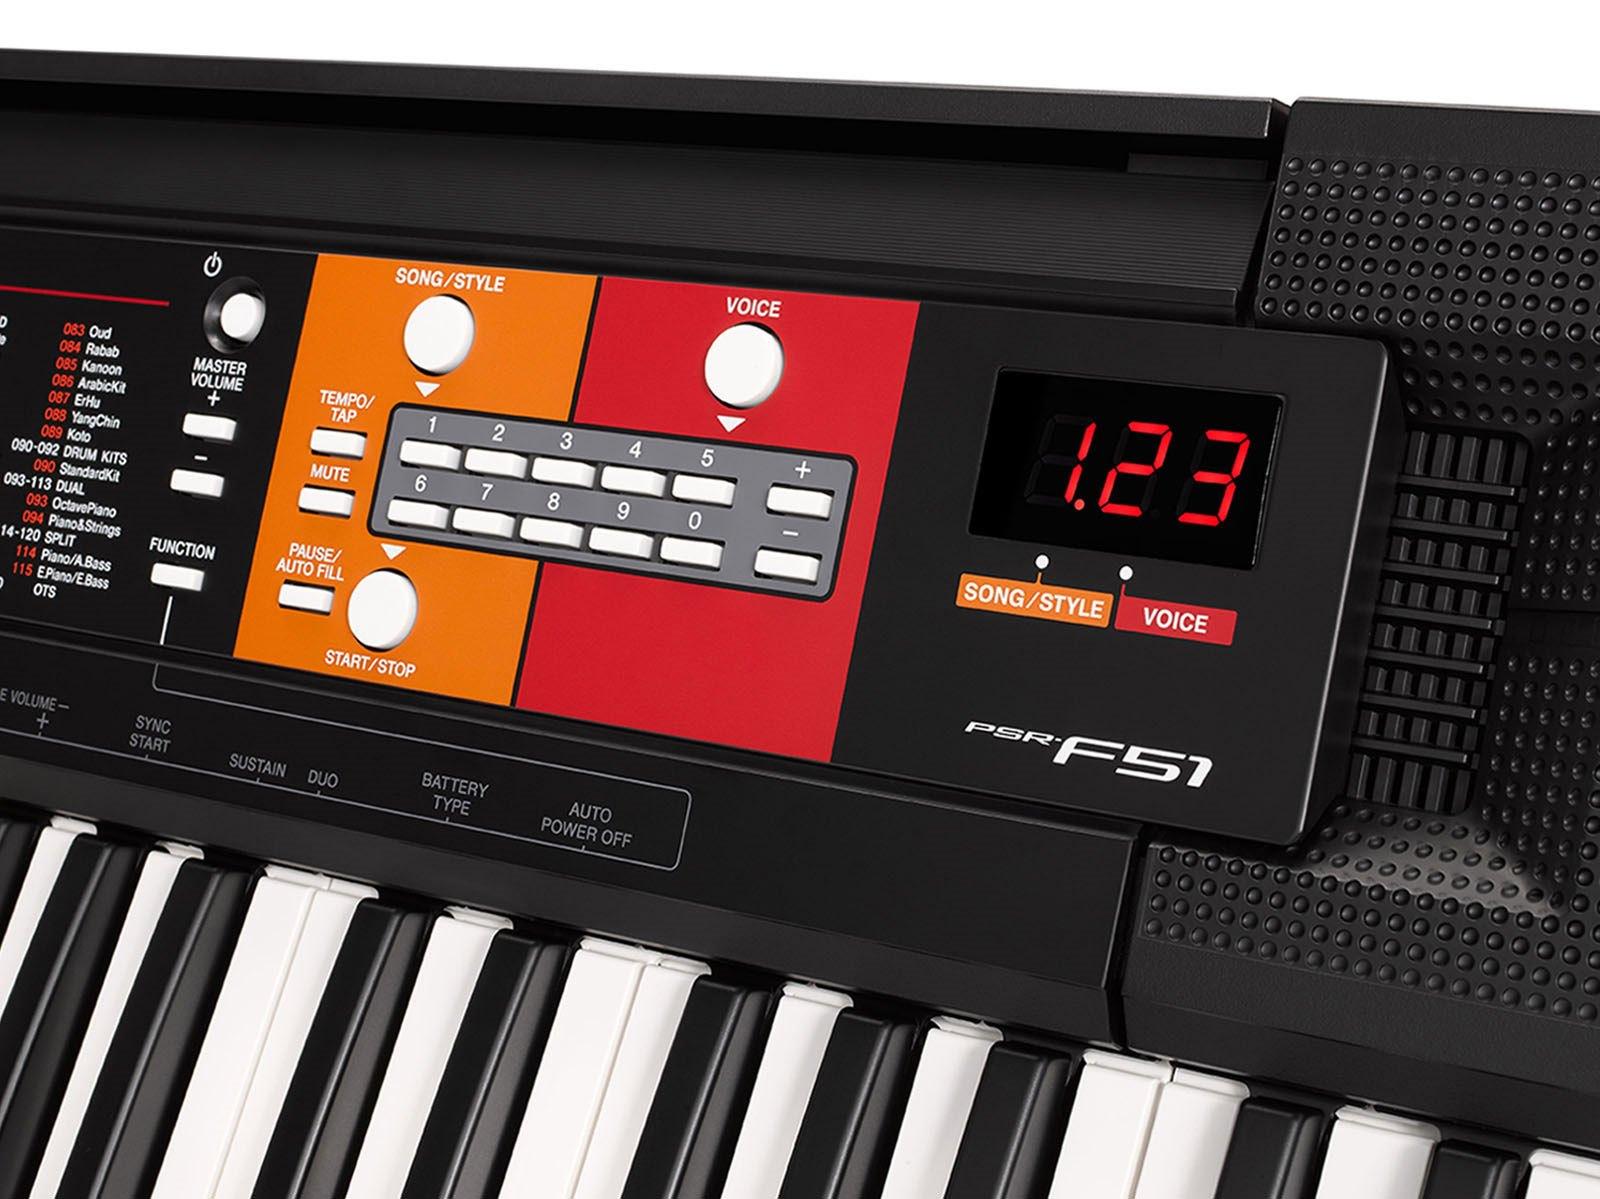 Psr F51 Home Keyboard